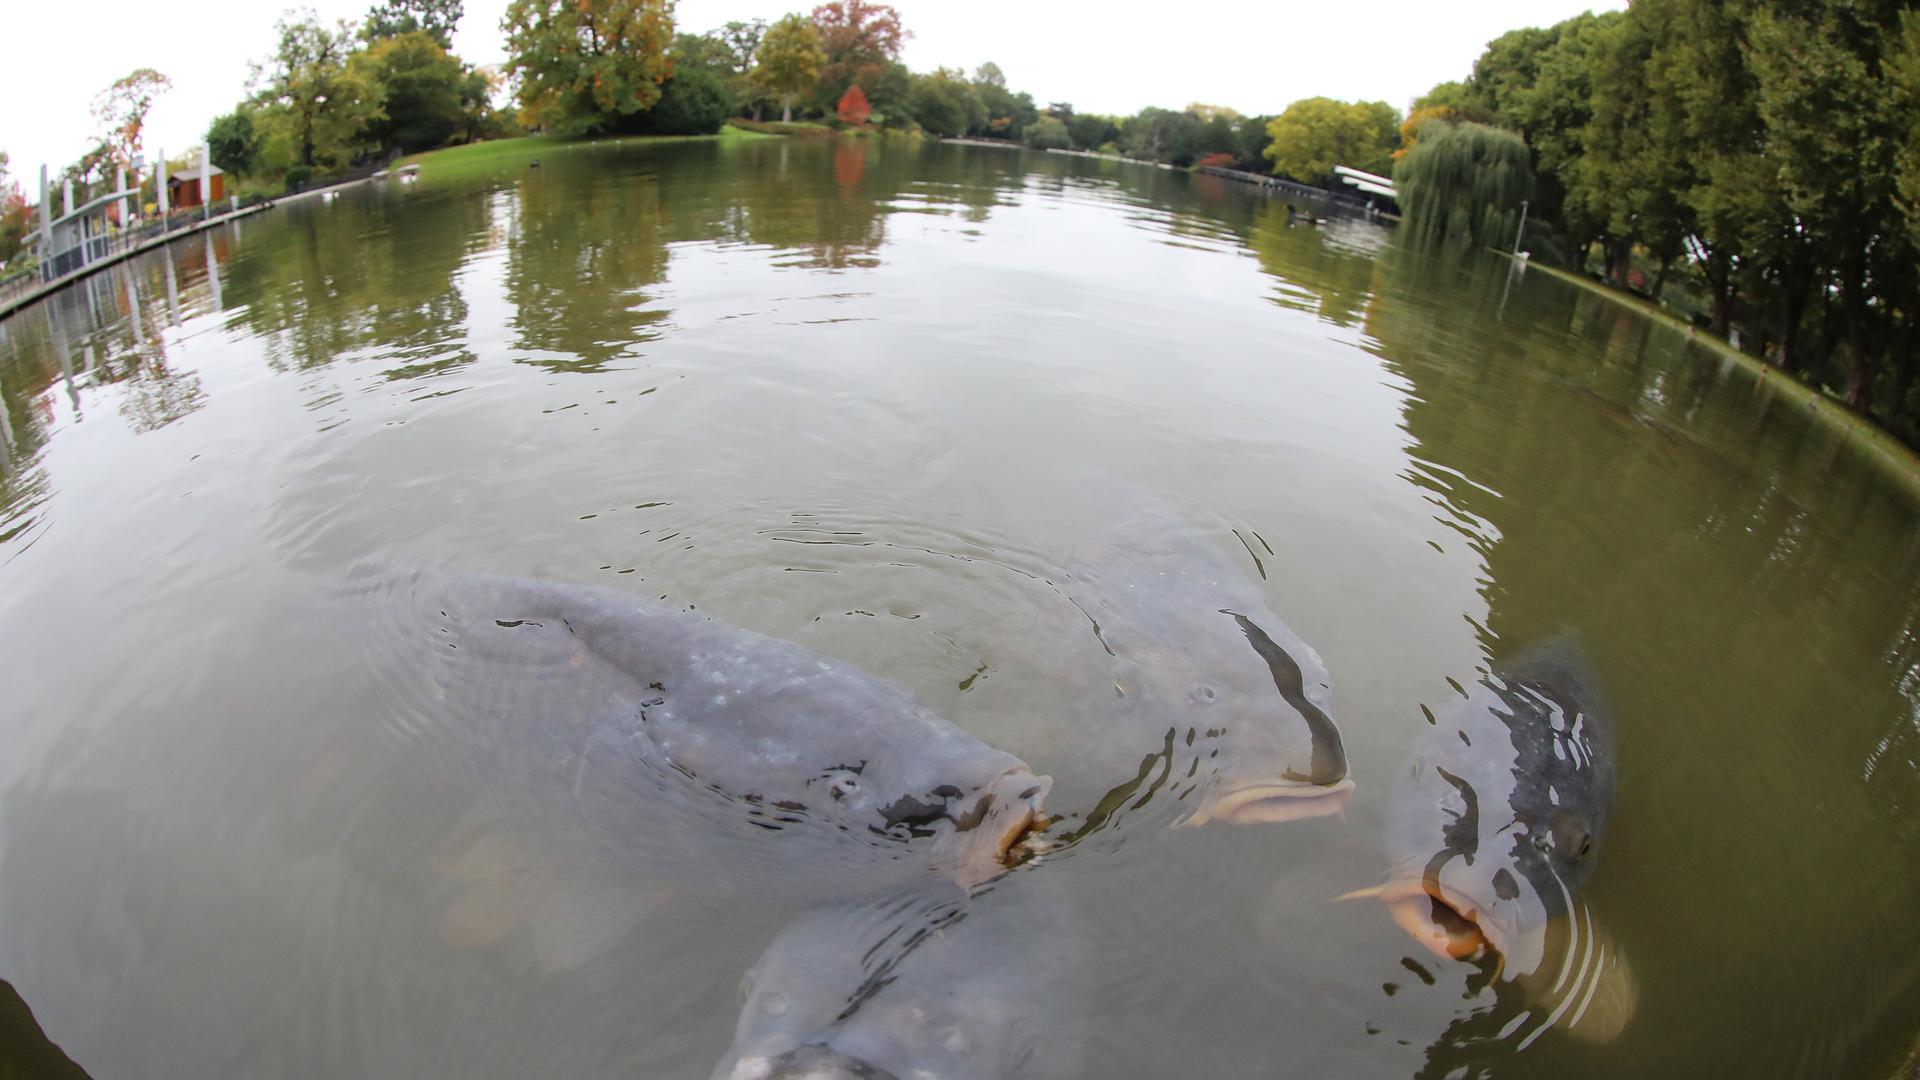 Attraktion: Die Karpfen im Stadtgartensee sind zutraulich und von beeindruckendem Format. Auch im Winter bleiben sie im See.